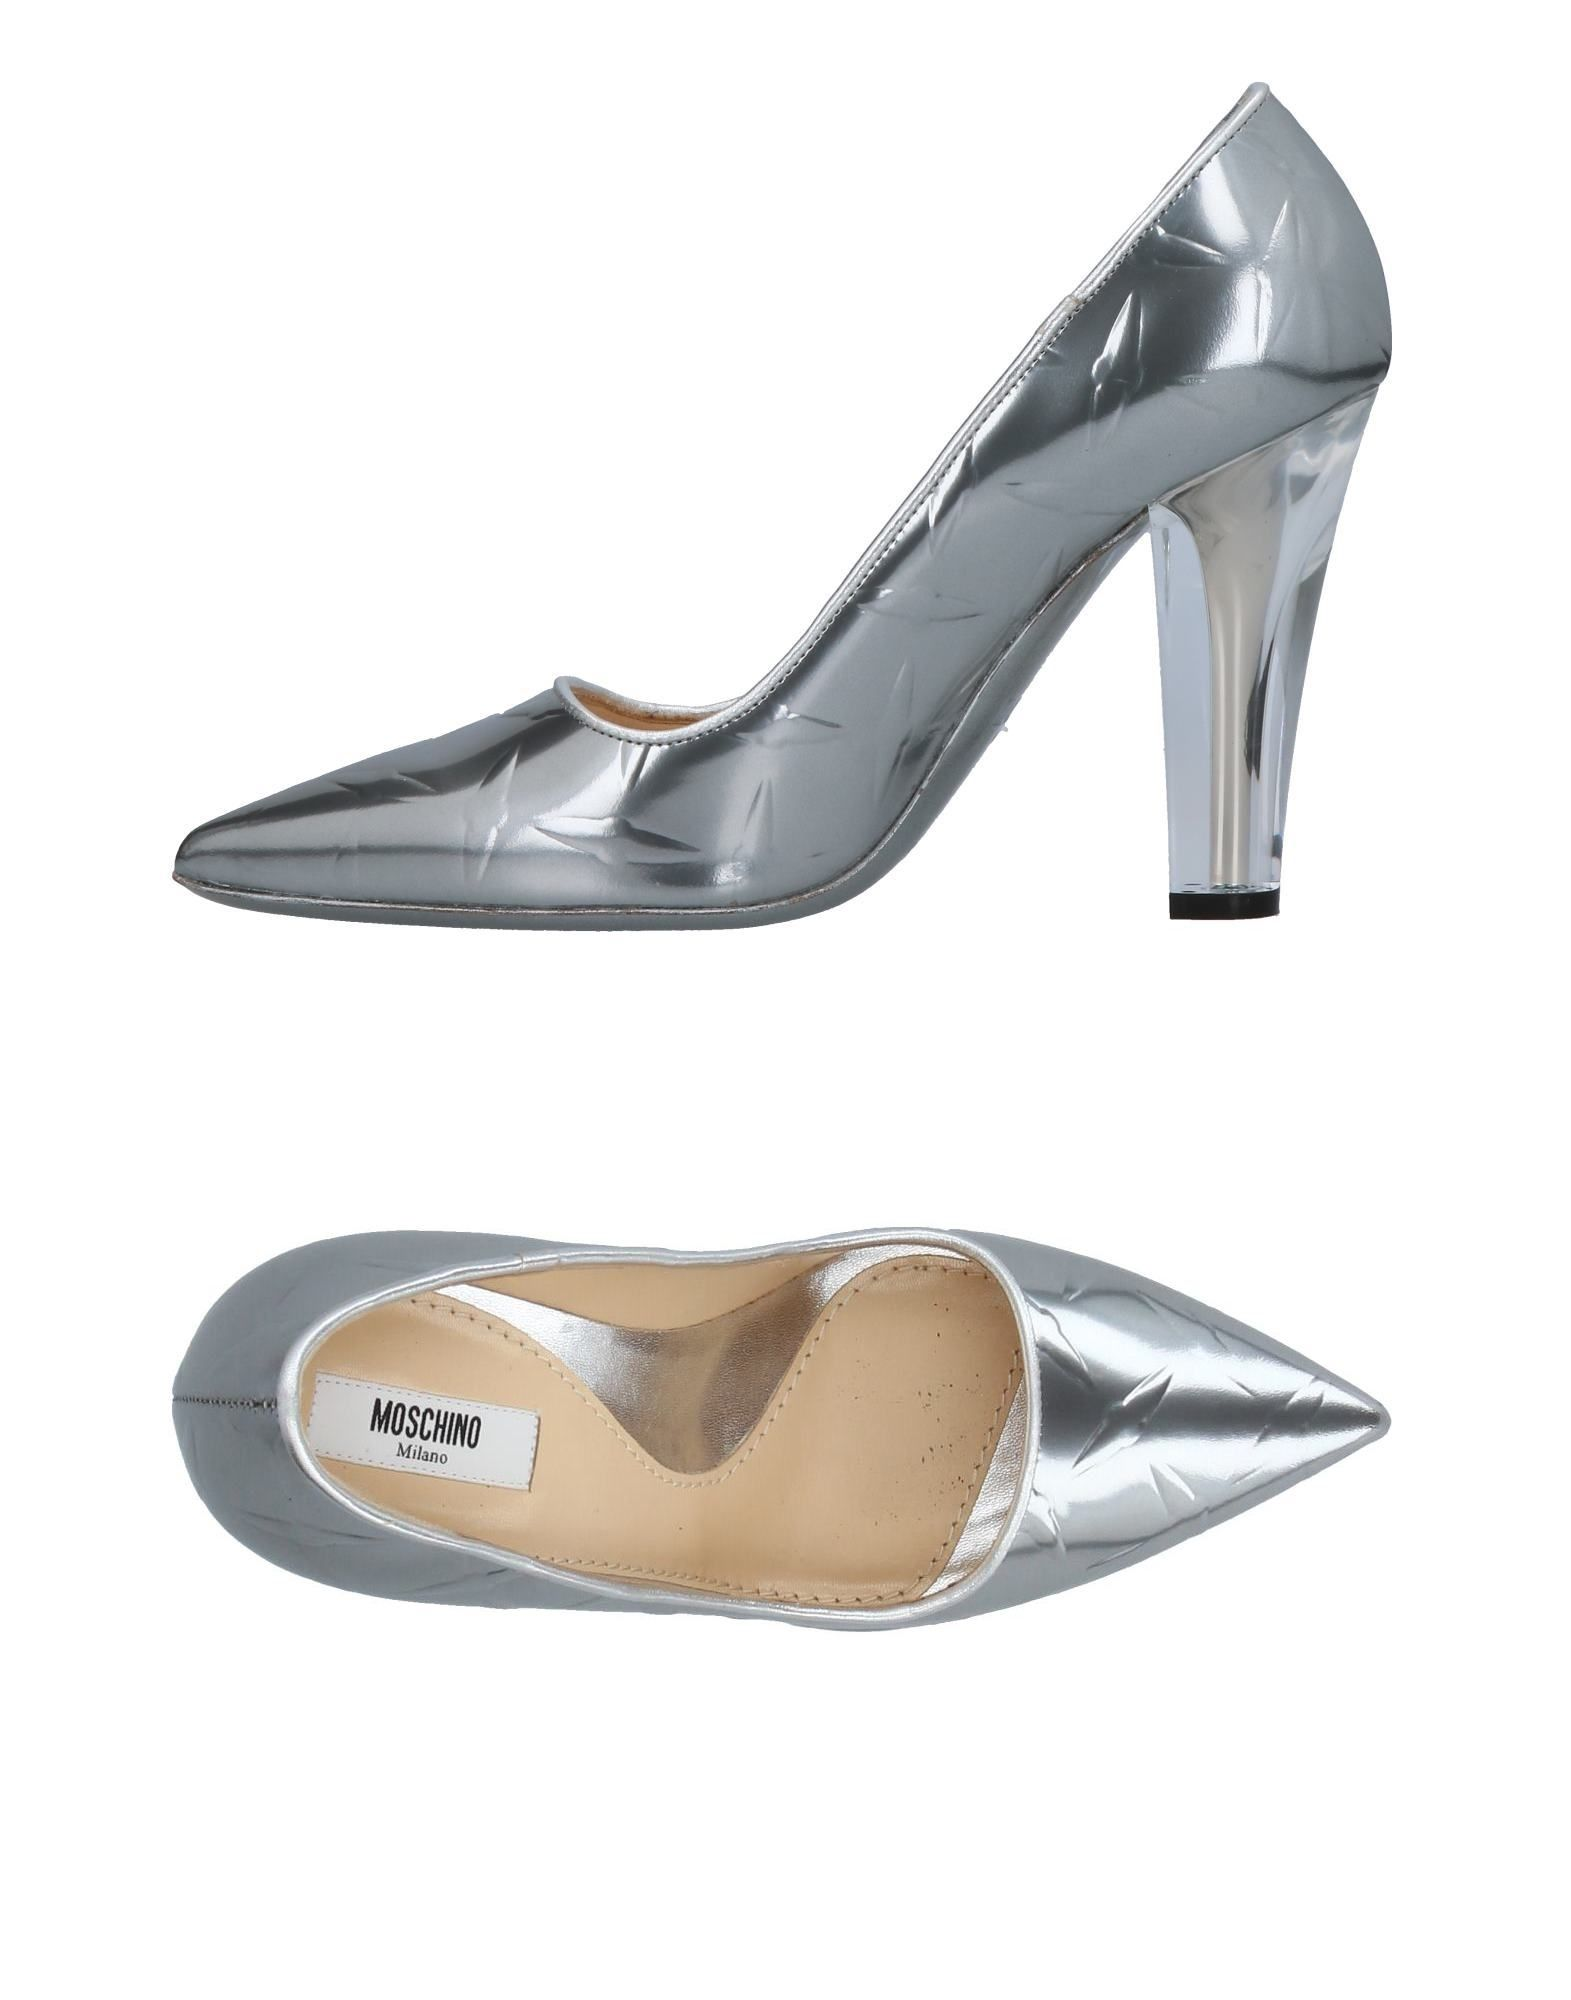 Haltbare Mode billige Schuhe Moschino Pumps Damen  11383933HR Heiße Schuhe